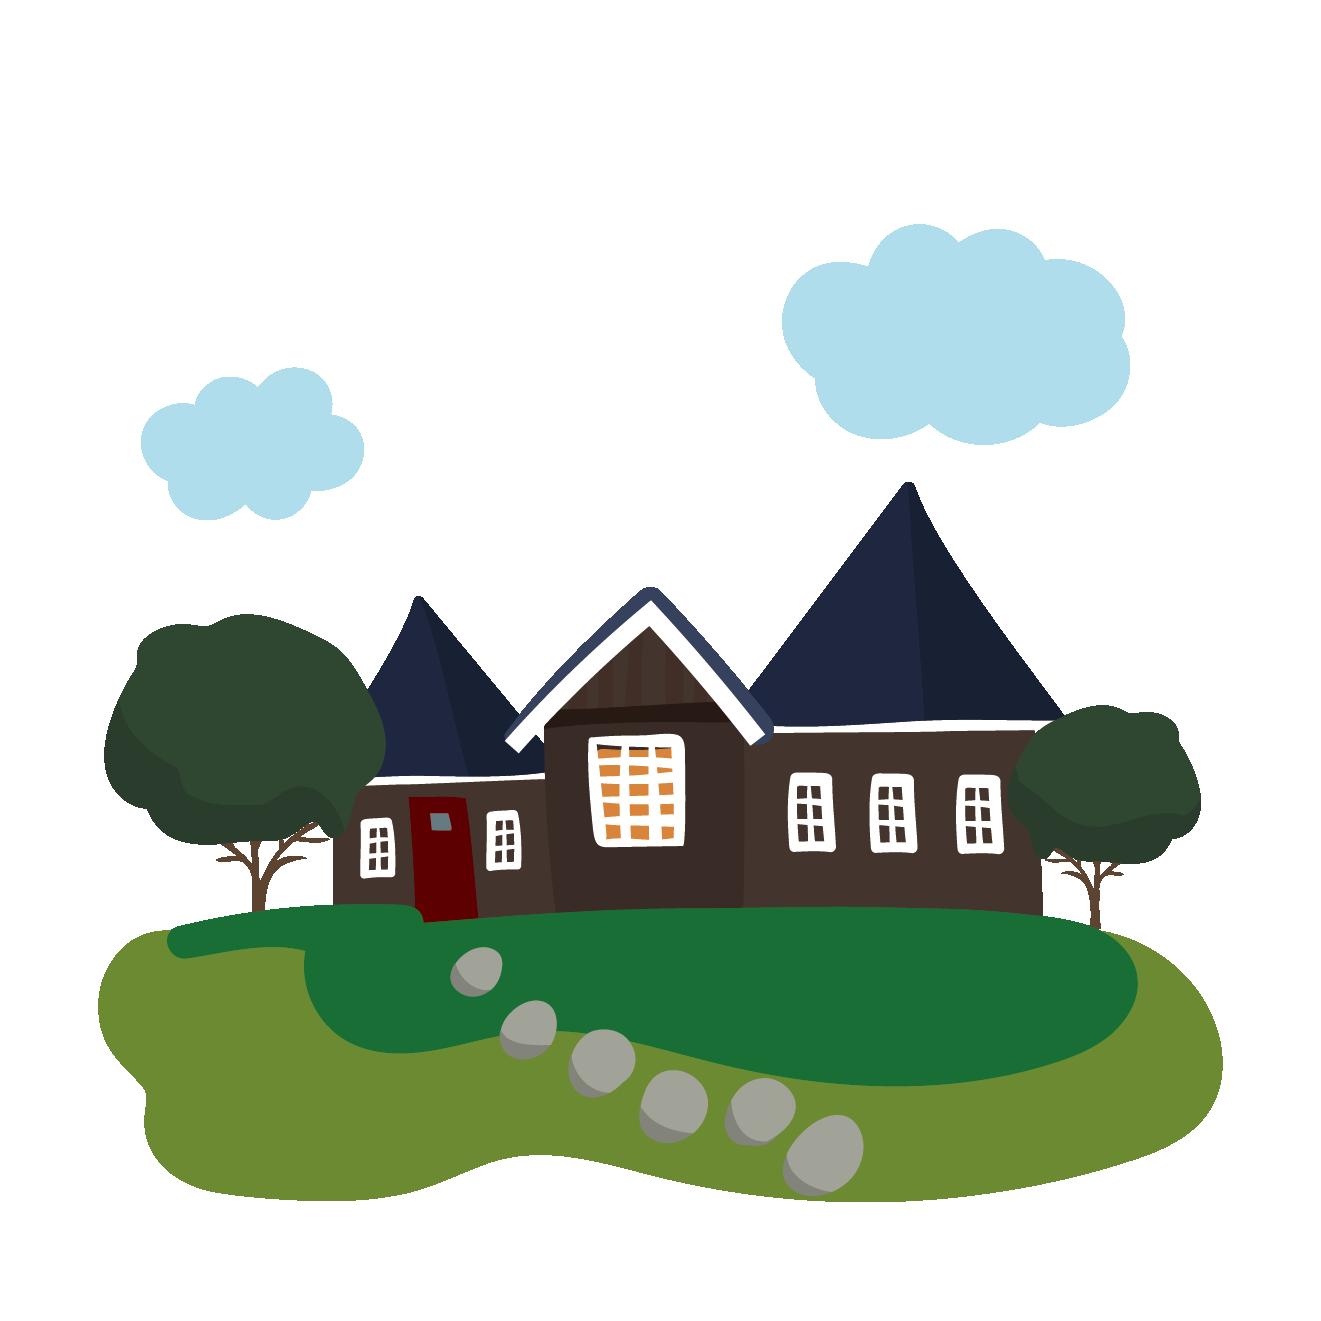 可愛らしい庭付き一軒家(家)のイラスト | 商用フリー(無料)のイラスト